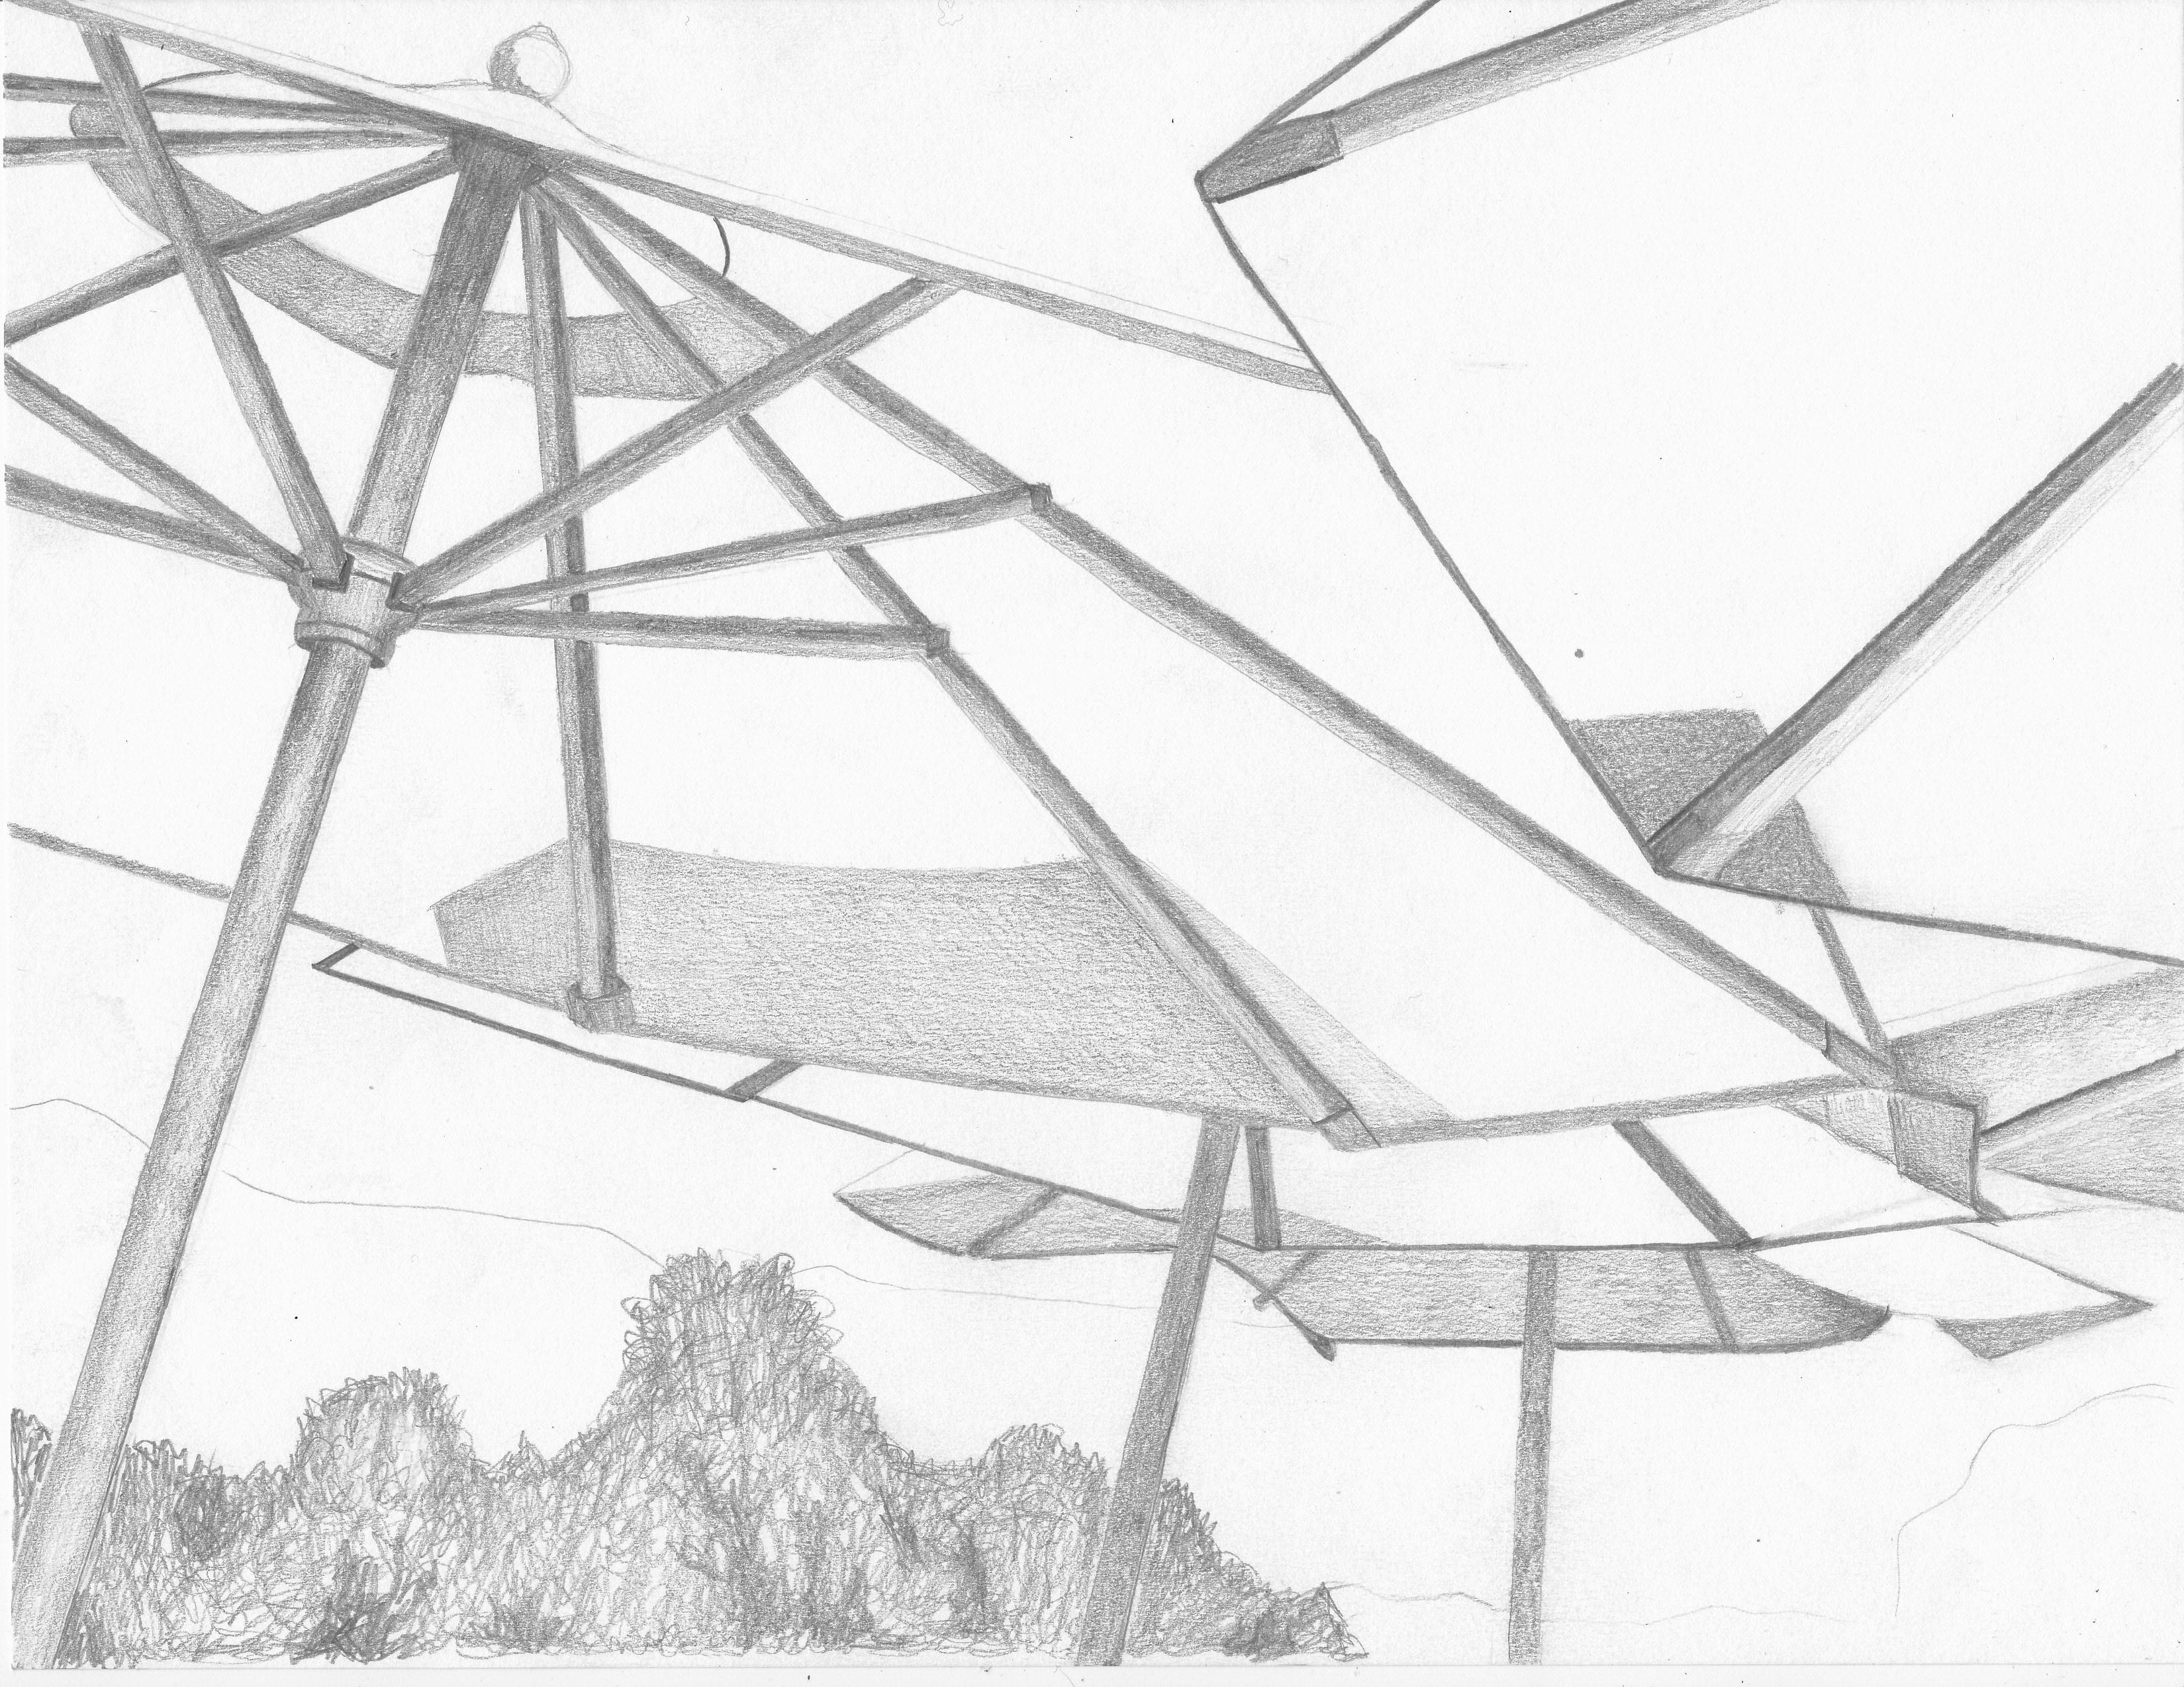 3299x2549 Umbrellas The Sketchbook Concern